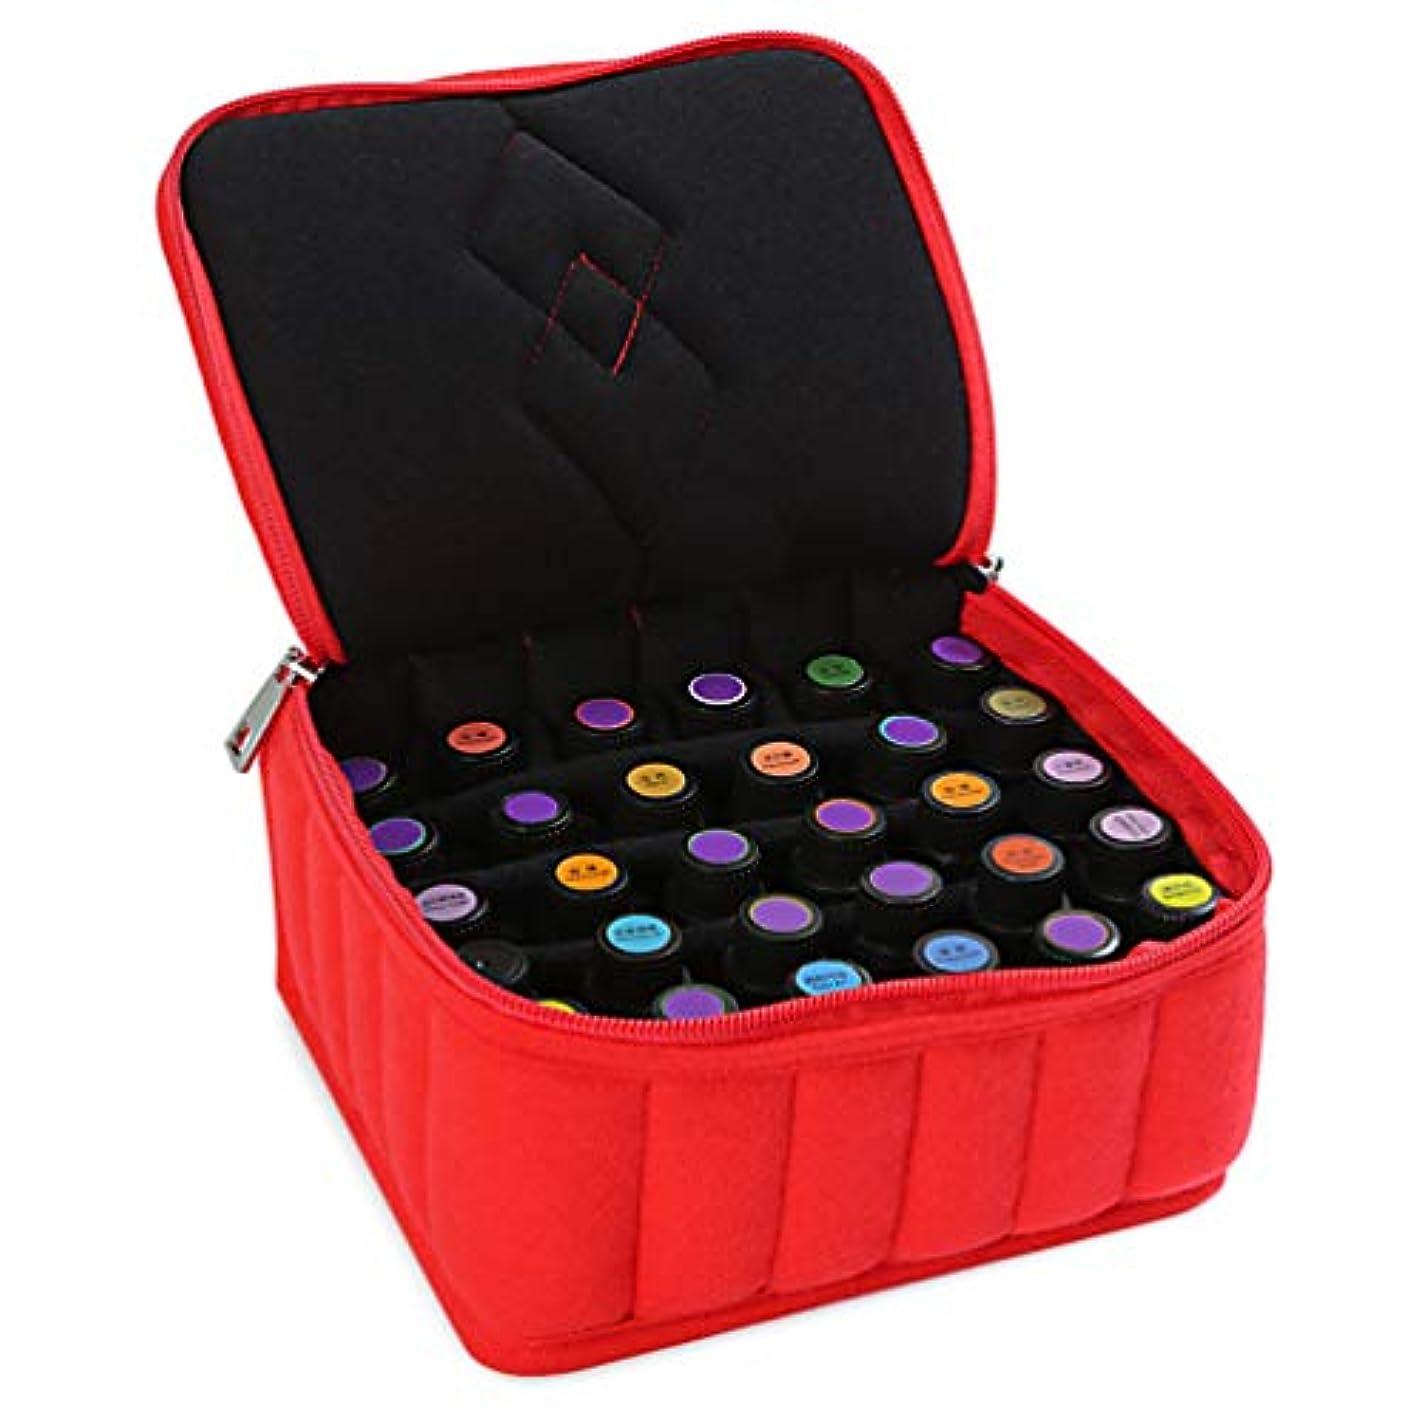 磁気アレルギー性生活リングケース 指輪 ベロア調 ピアスケース 30個 収納可 ディスプレイ 展示用 ジュエリーボックス